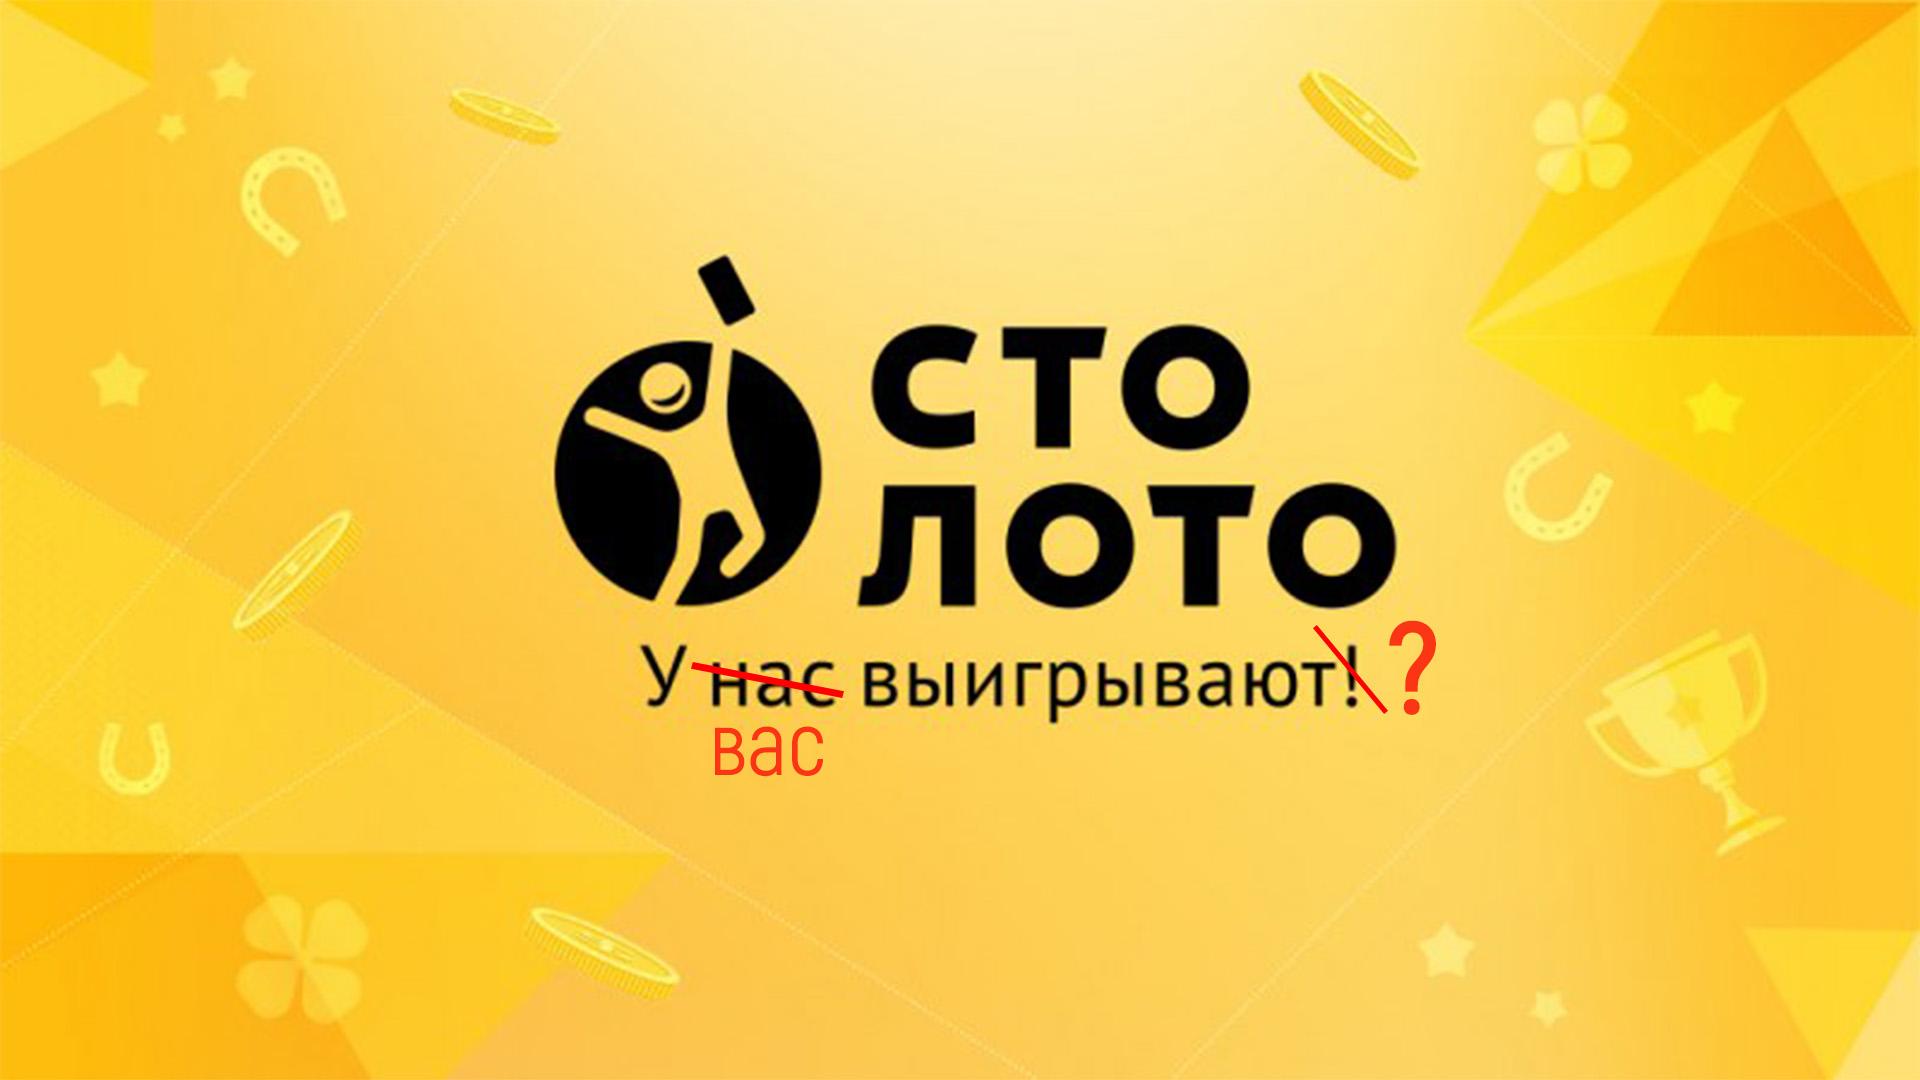 Процент выигрыша в русское лото